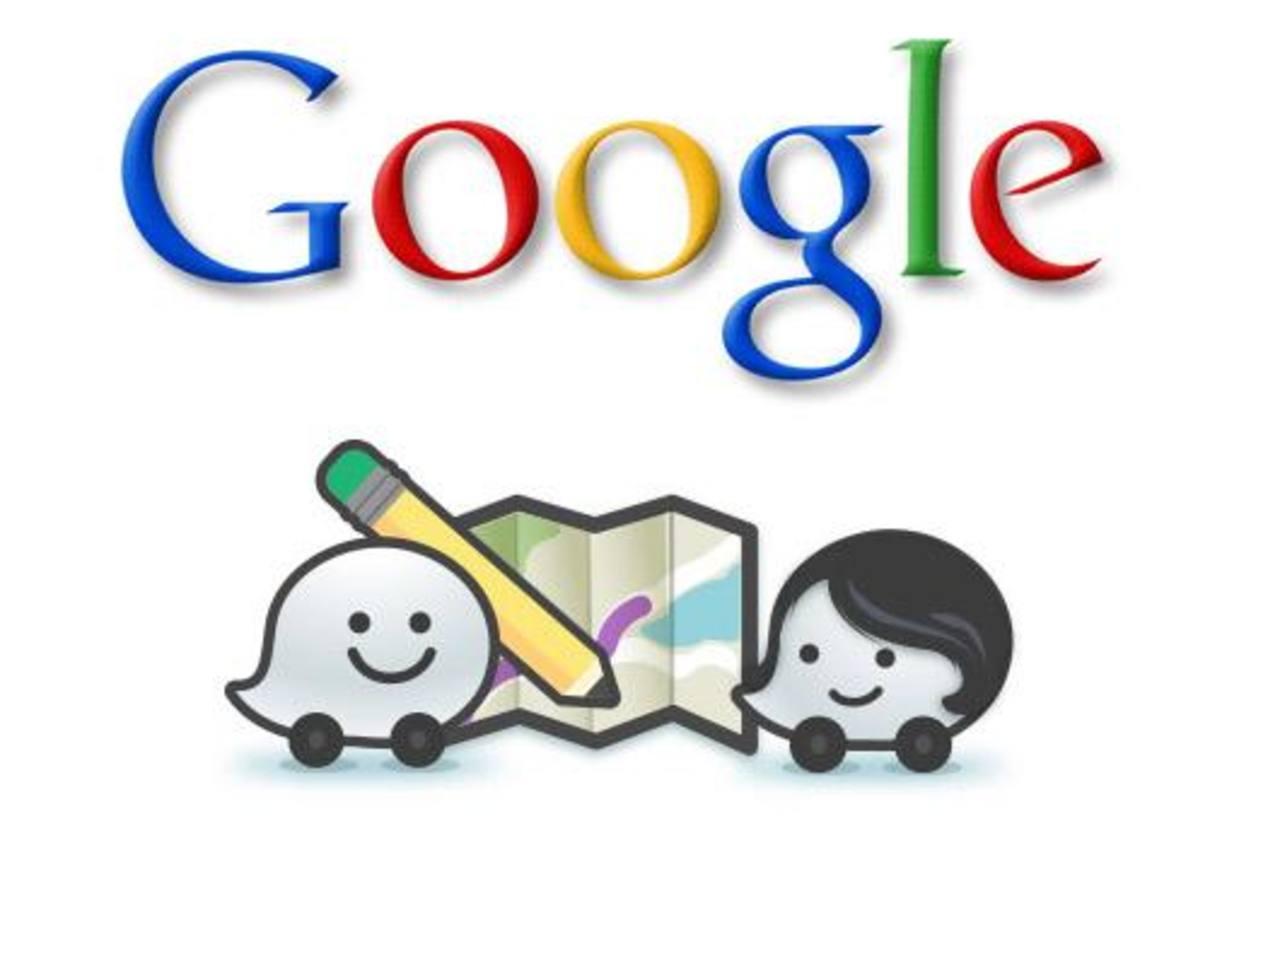 El gigante de Internet, Google, realizó la compra de Waze por 1.030 millones de dólares. foto edh